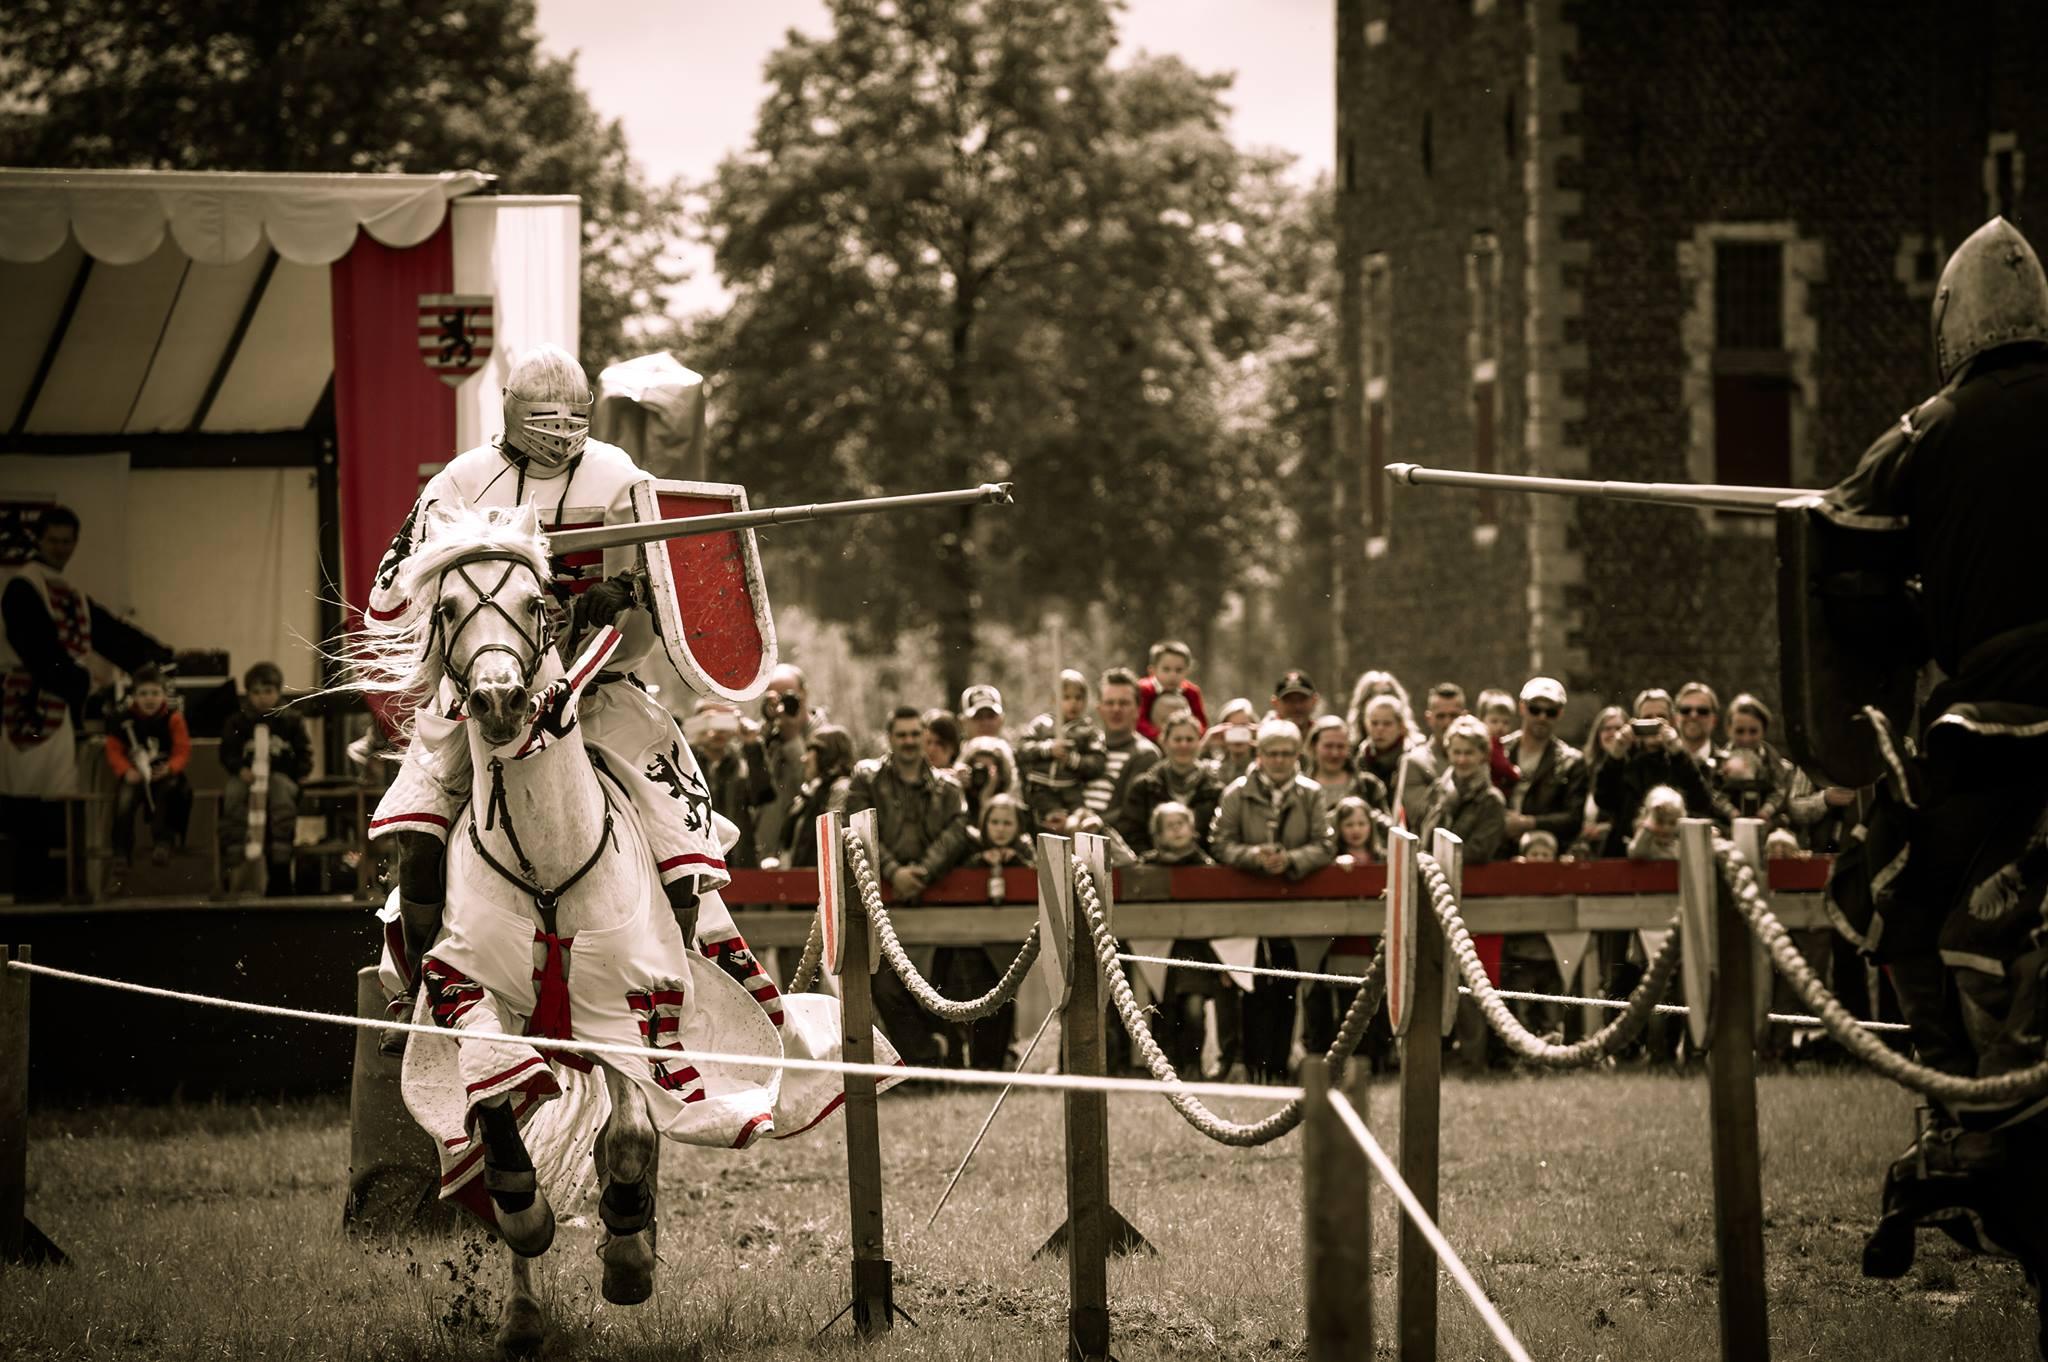 Ridders in actie tijdens het Kampioenschap op Landgoed Maarsbergen - Foto: ©Landgoed Maarsbergen